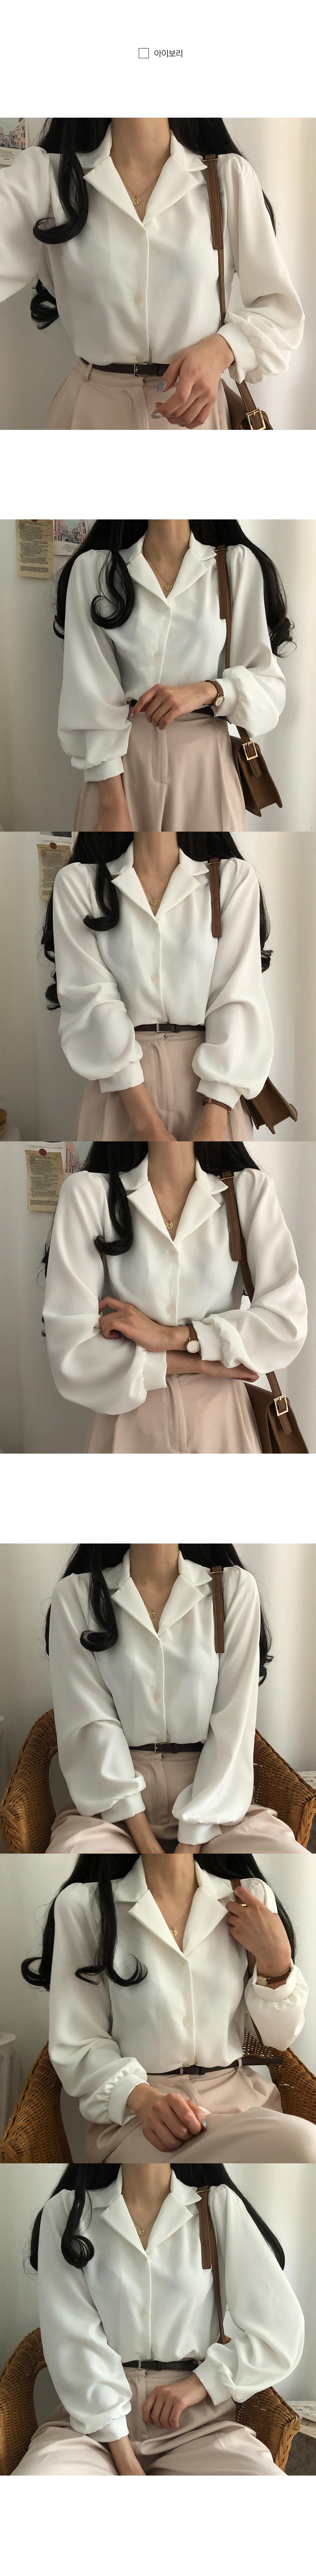 Paris soft touch collar blouse